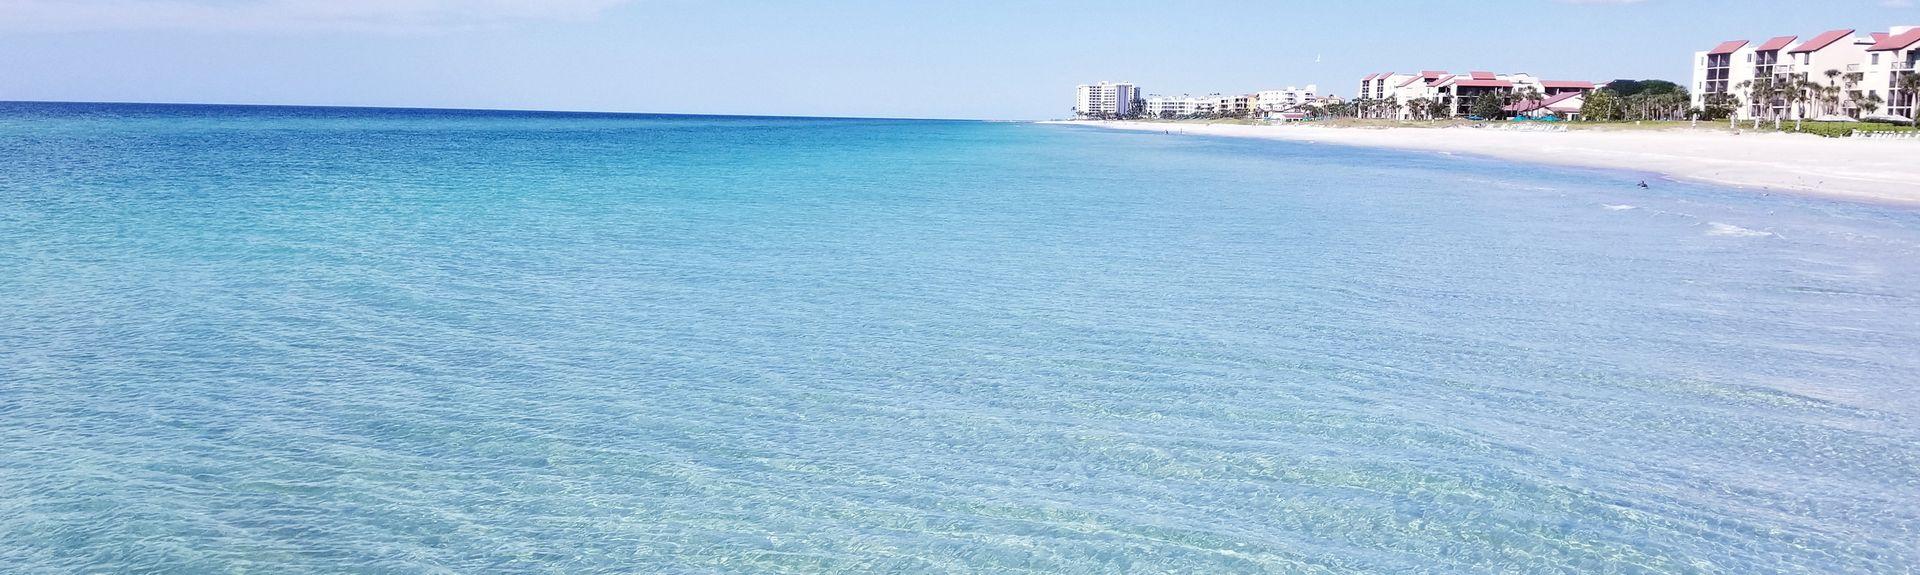 Beachcomber, Longboat Key, Florida, United States of America